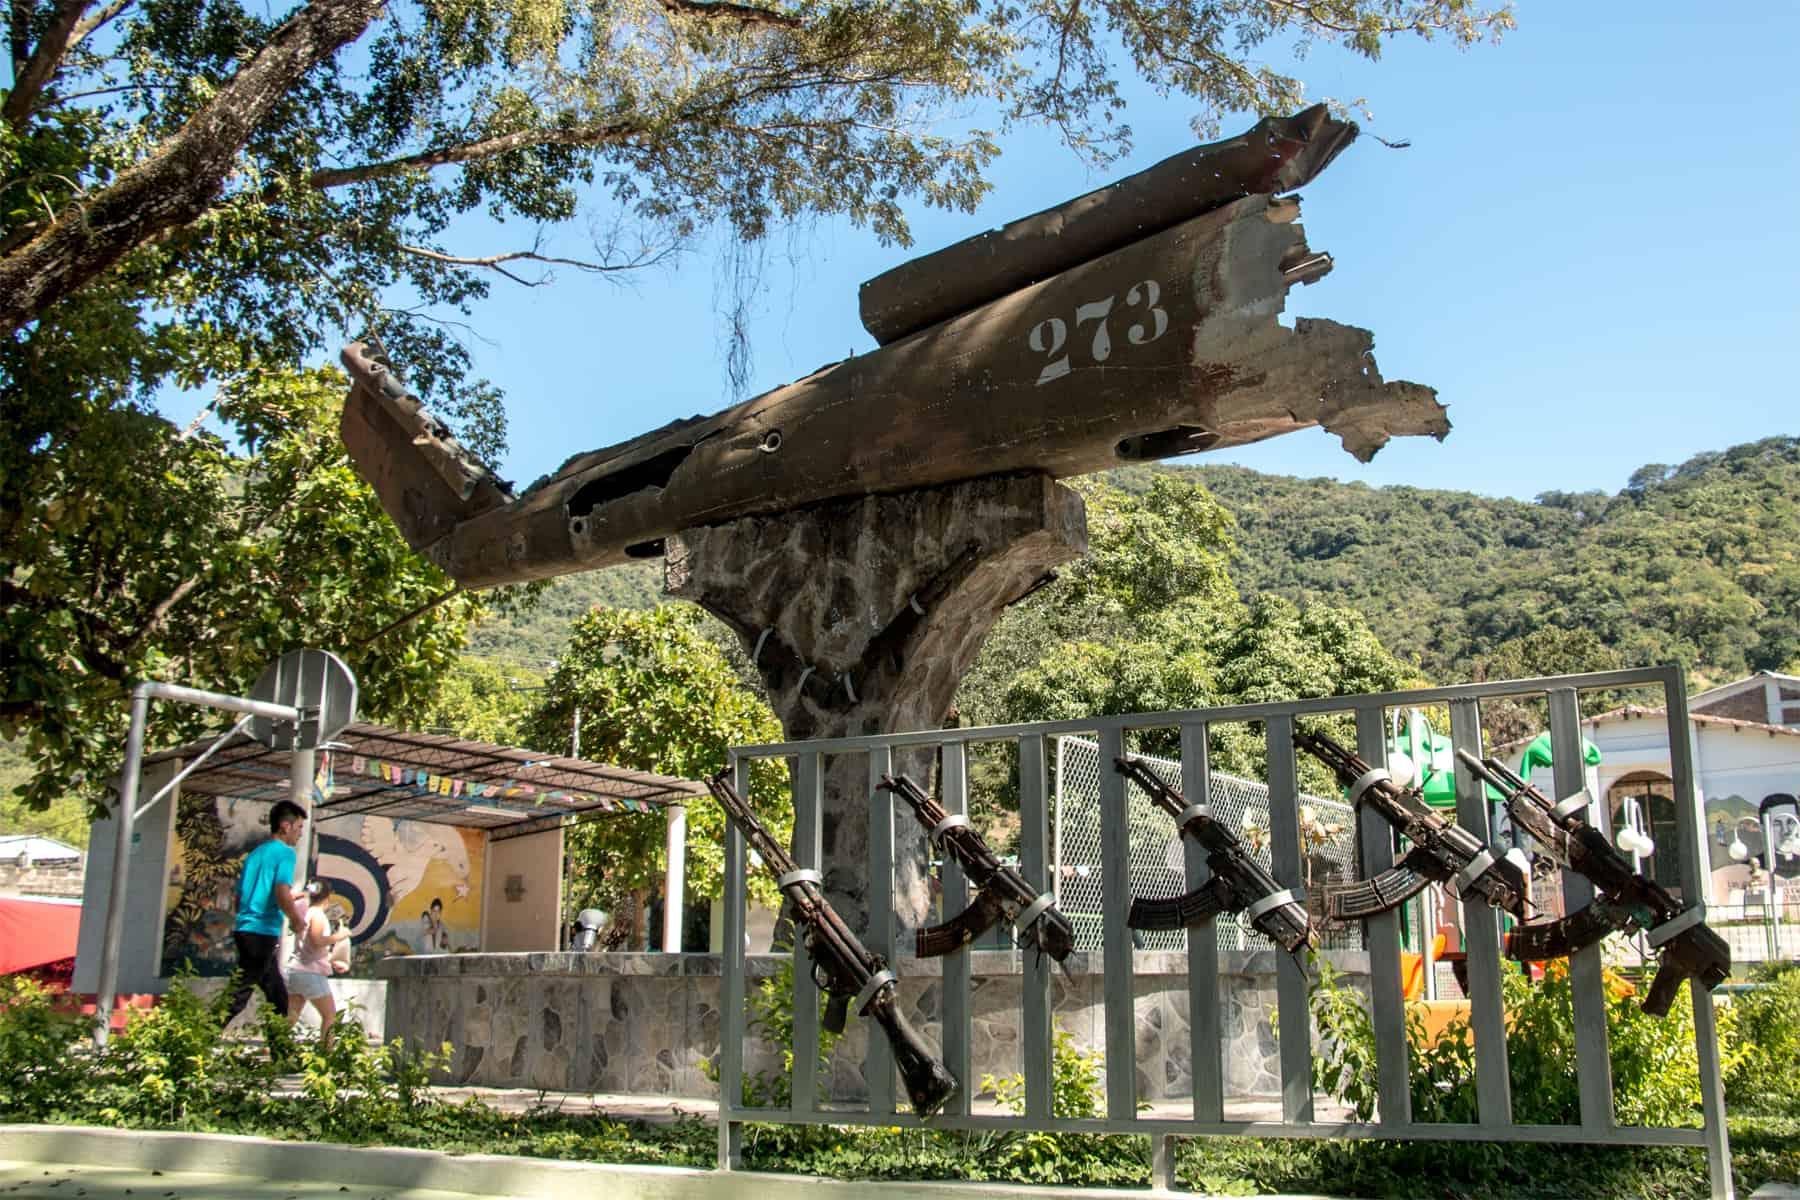 Damaged helecopter and guns from Salvadorian Civil War